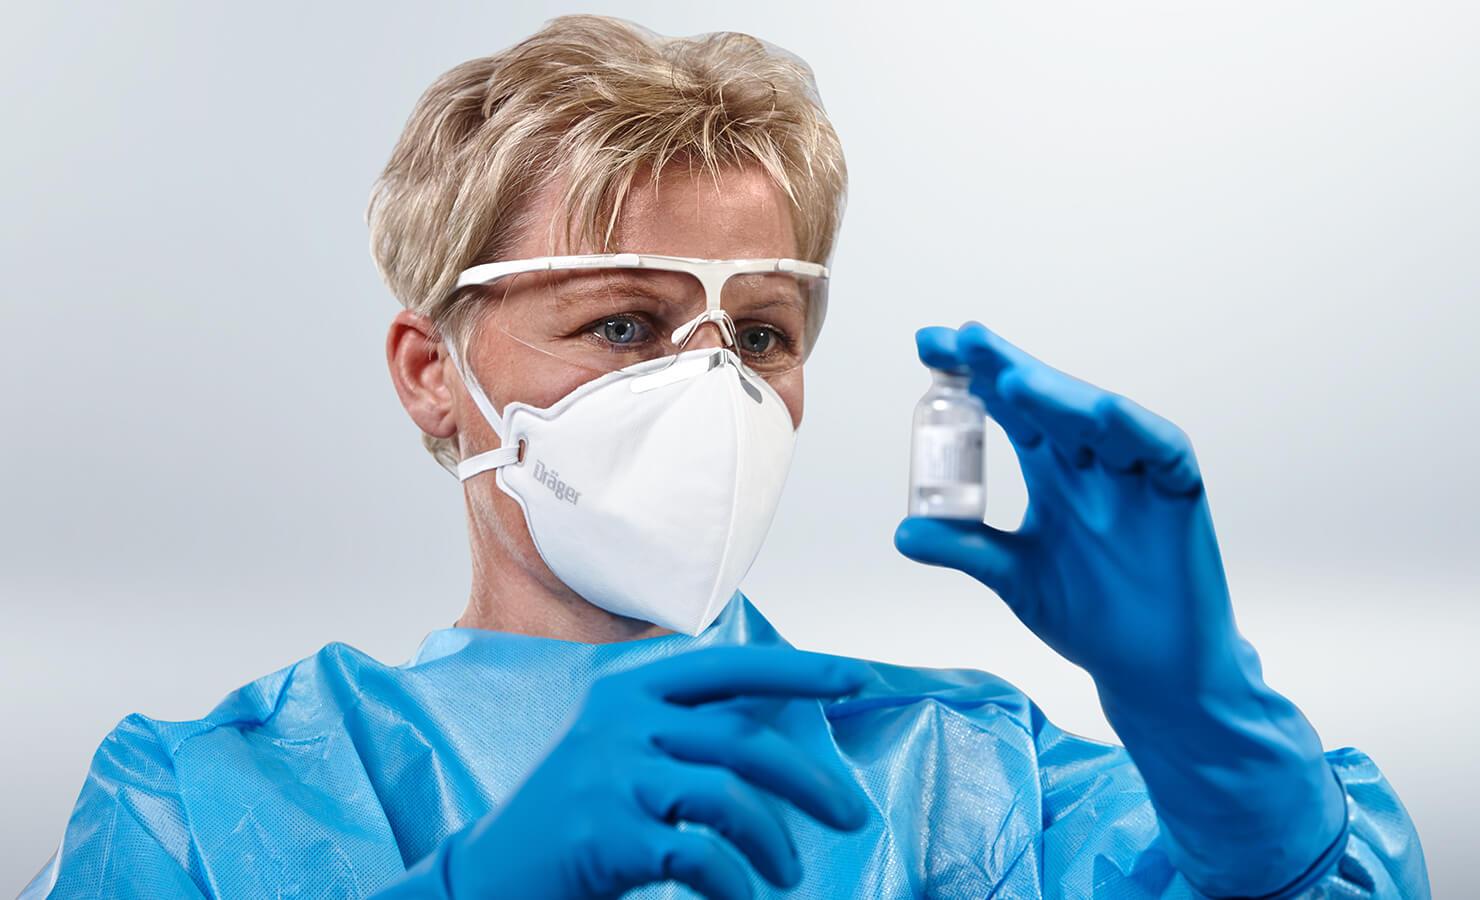 skan-labor-produkte-zubehoer-schutzausruestung-01